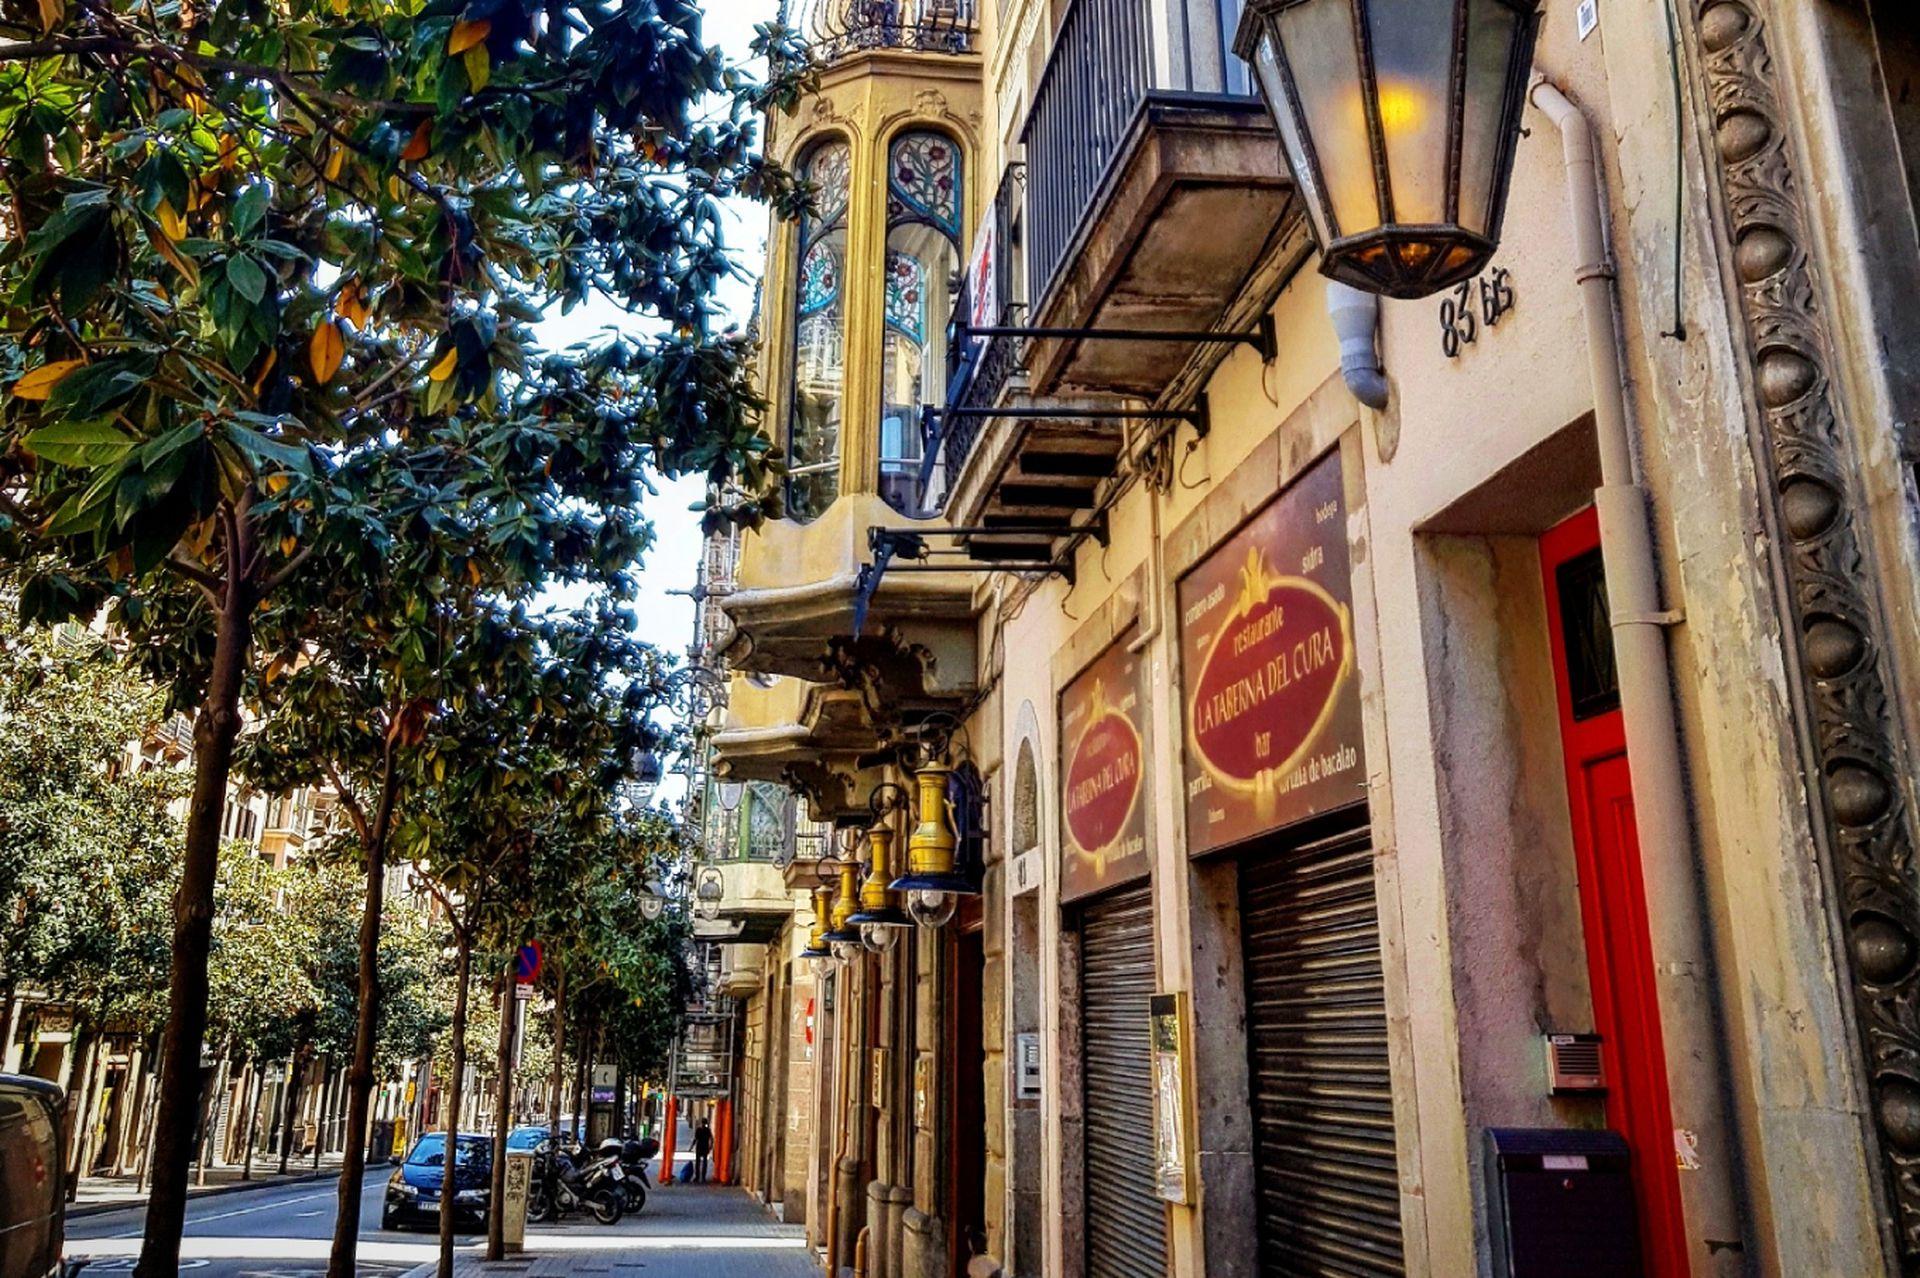 La zona elegante de Gràcia es conocida por sus bulevares y paseos peatonales del siglo XIX llenos de boutiques independientes, galerías y cines.